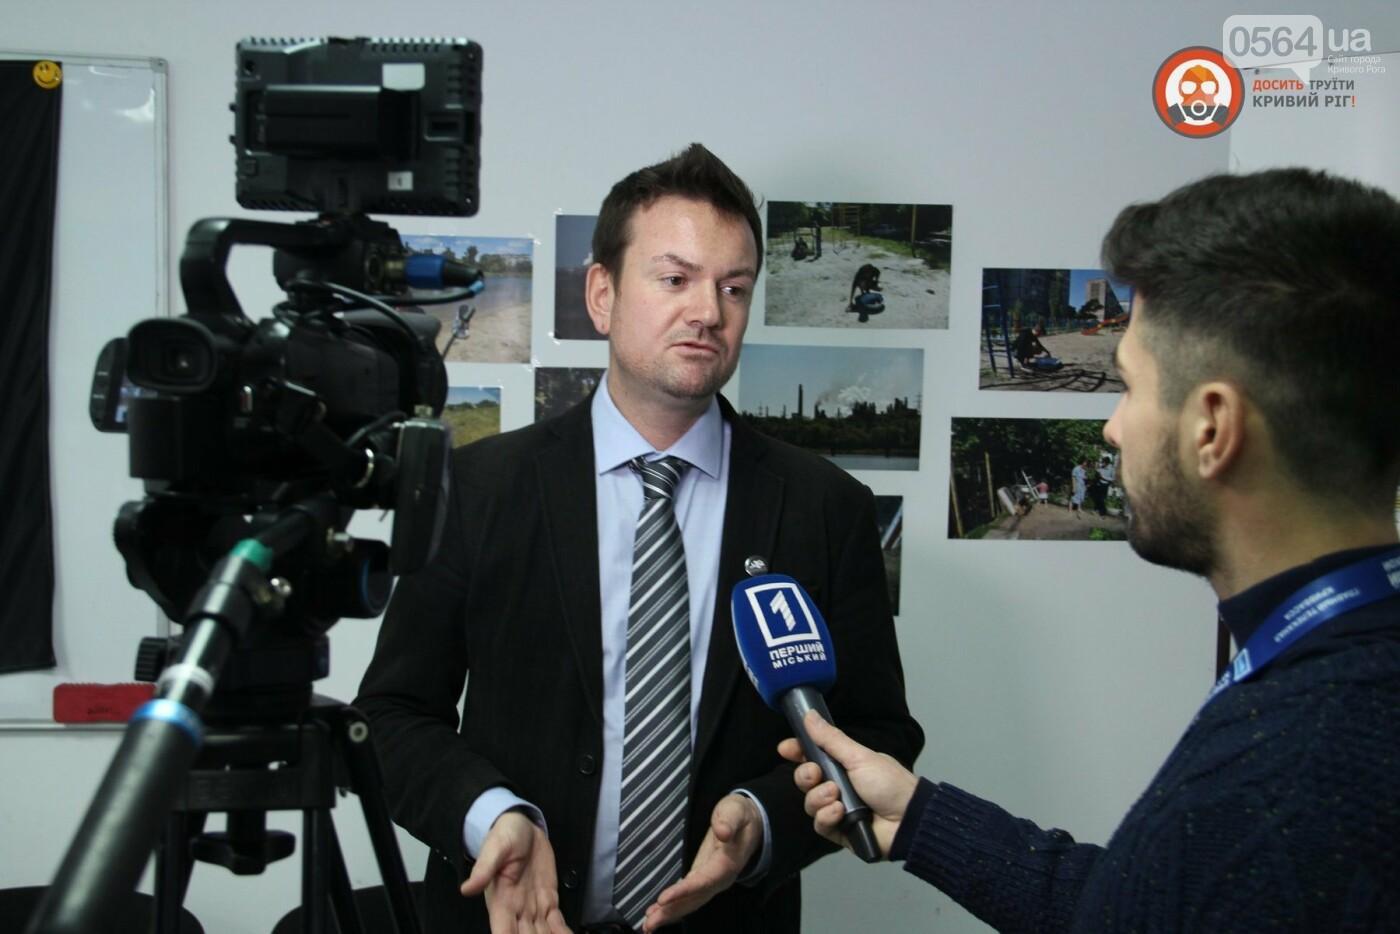 В Кривом Роге презентовали результаты исследований международной команды экологов, - ФОТО, ВИДЕО, фото-7